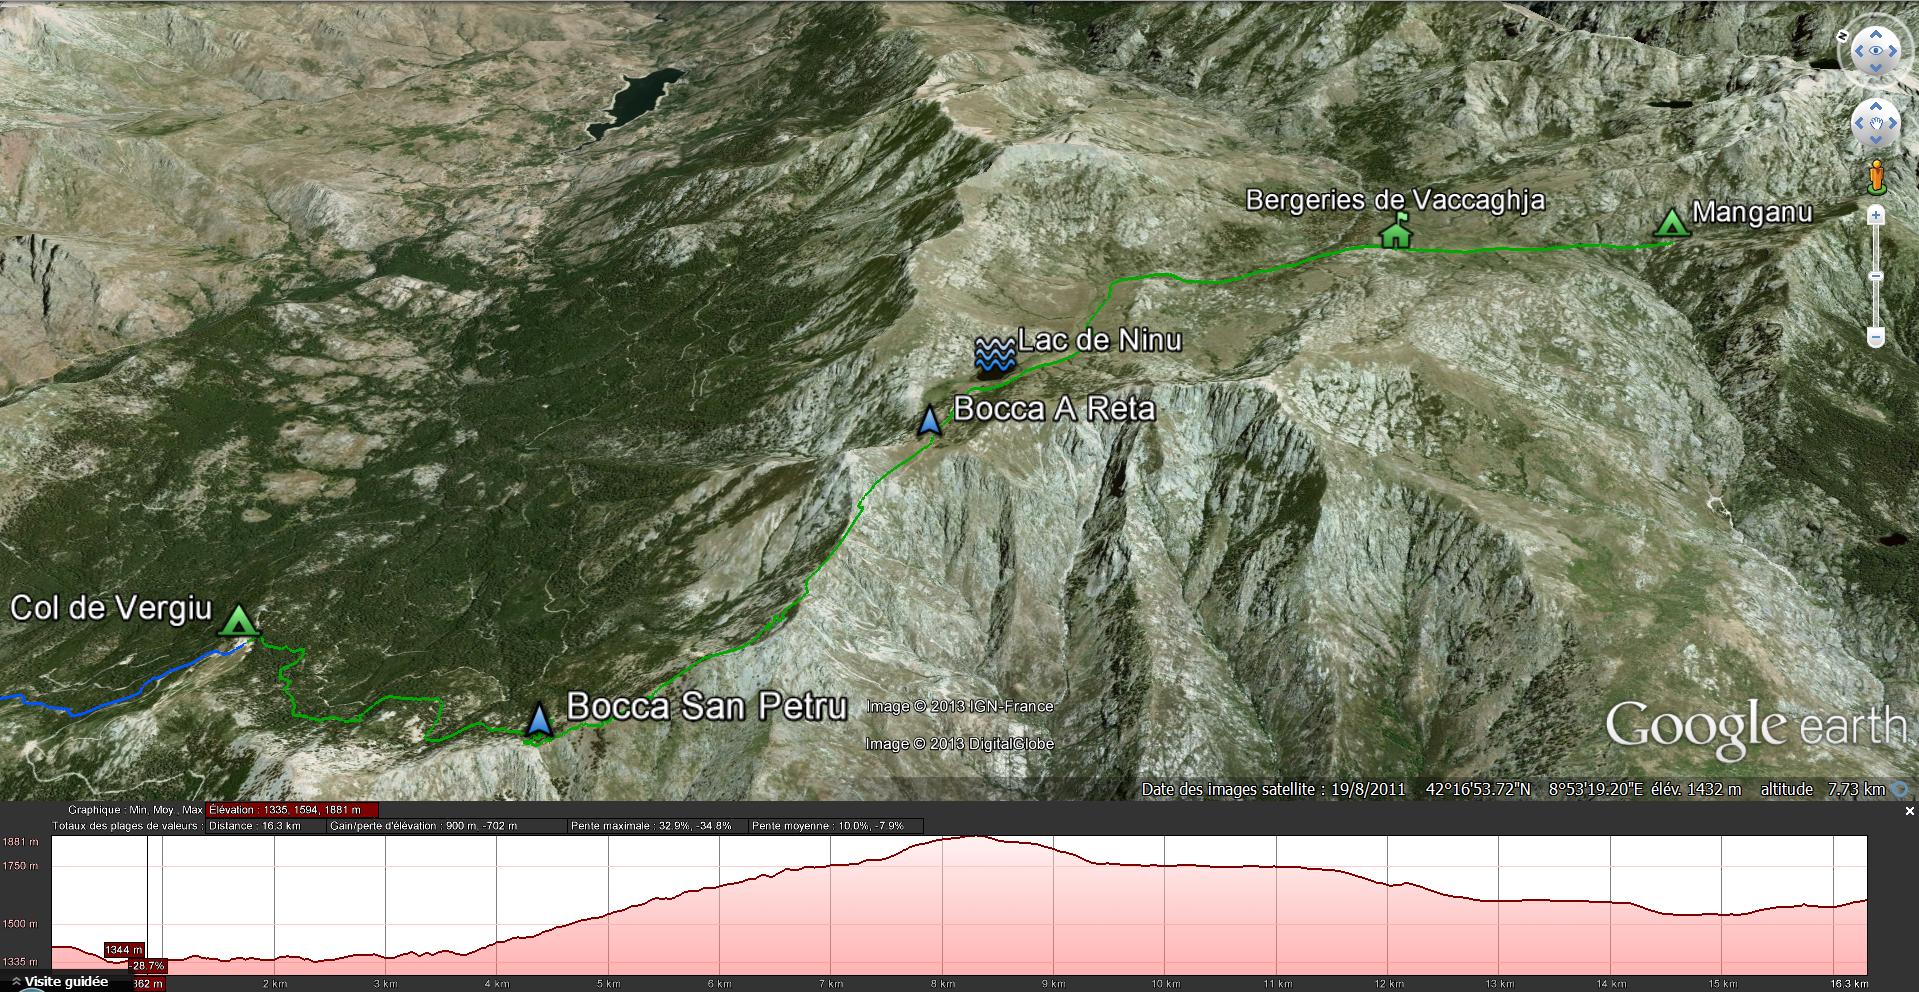 6e étape: Col de Vergiu - Manganu